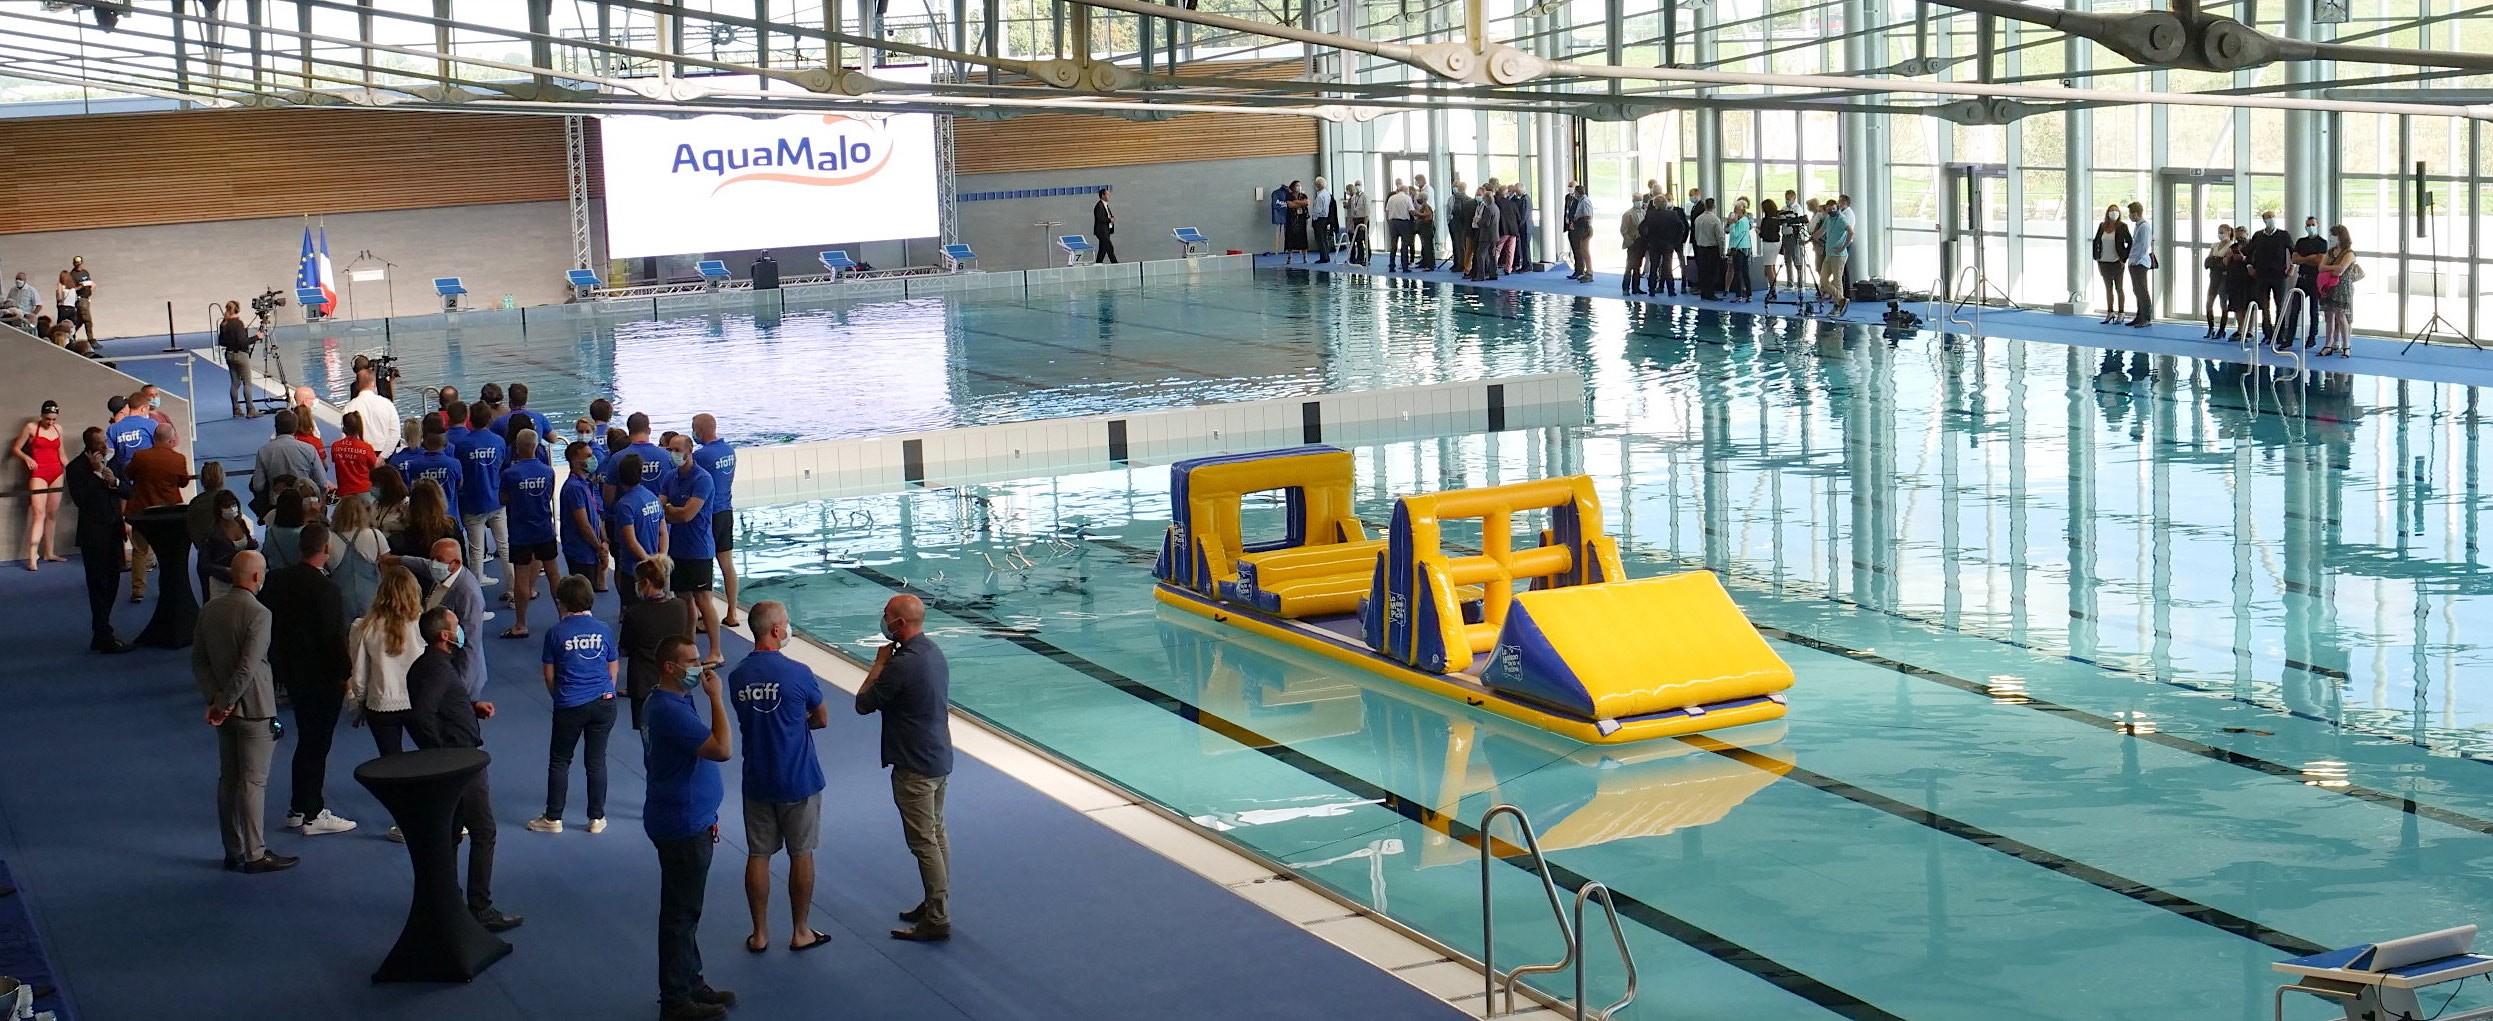 Six bassins, dont un olympique de 50 mètres, des espaces dédiés à l'apprentissage de la nage, à la compétition, aux loisirs, la détente, le bien-être.